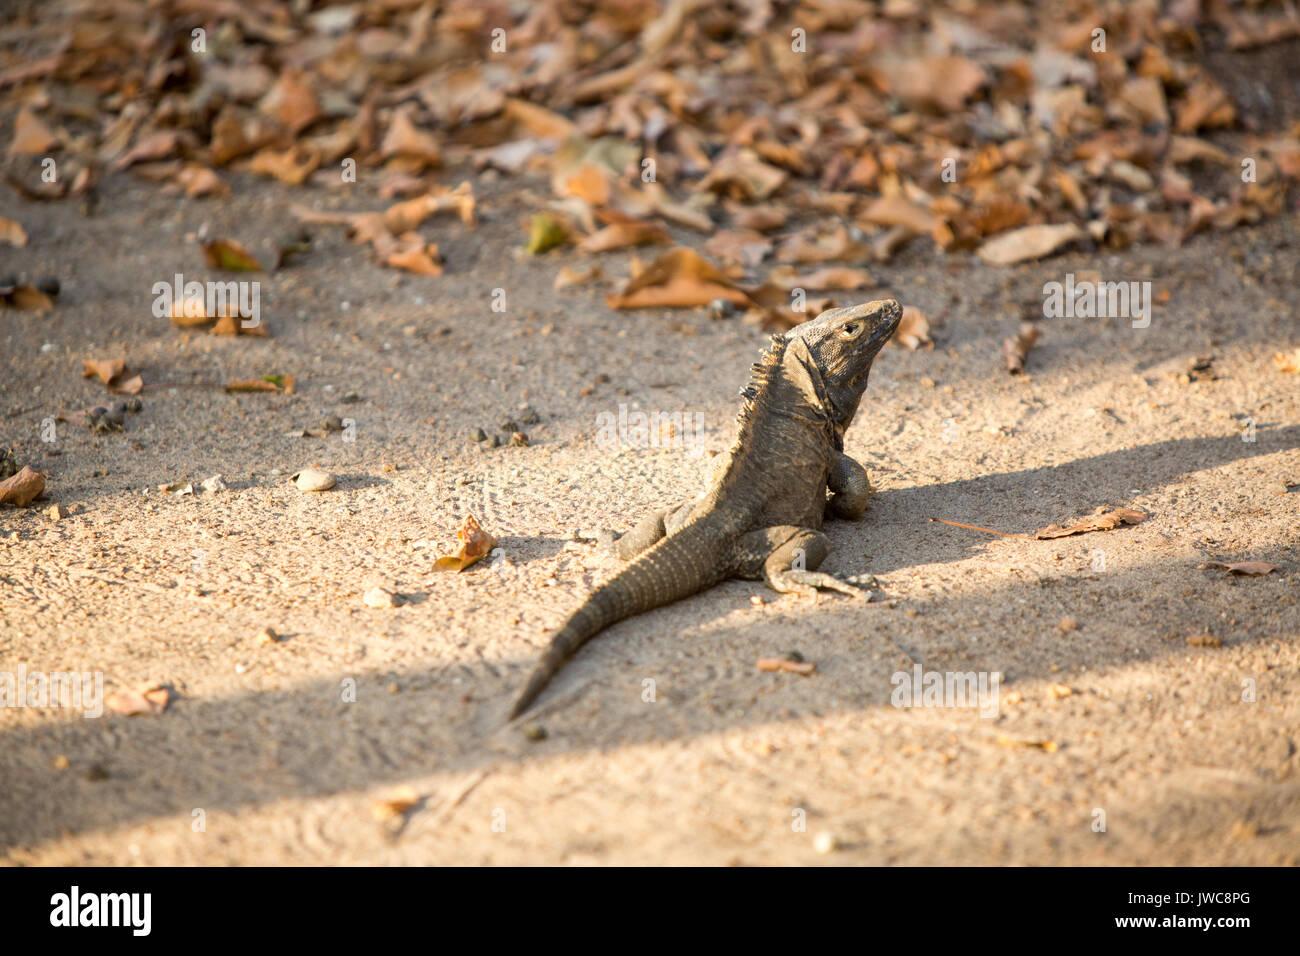 Eine schwarze stacheligen Schwanz Eidechse Spaziergänge entlang der Sand auf der Iguana Island. Stockbild